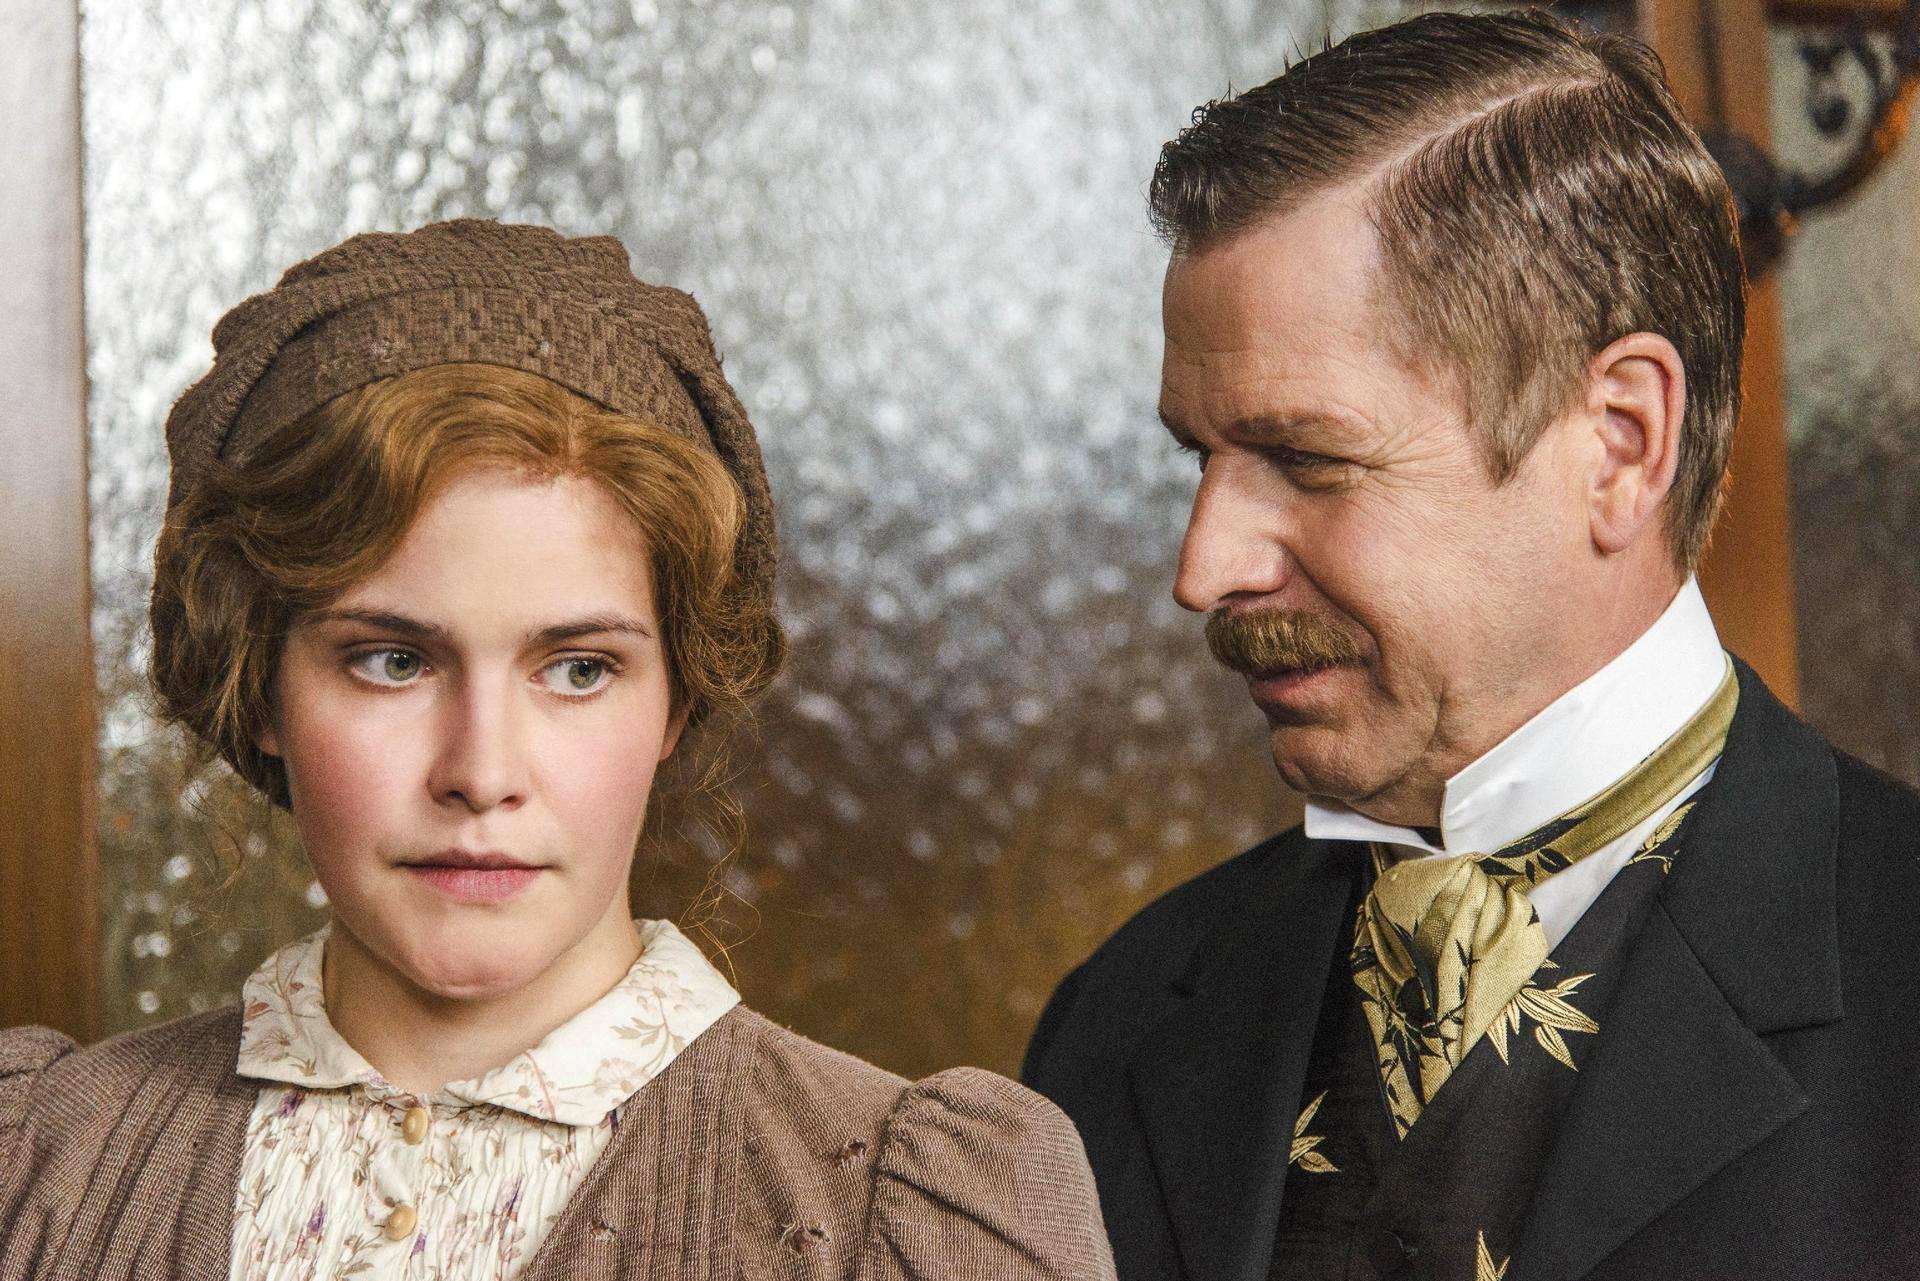 Silta-sarjan tekijöiden uusi dekkari alkaa tänään - rooleissa myös suomalaisia näyttelijöitä